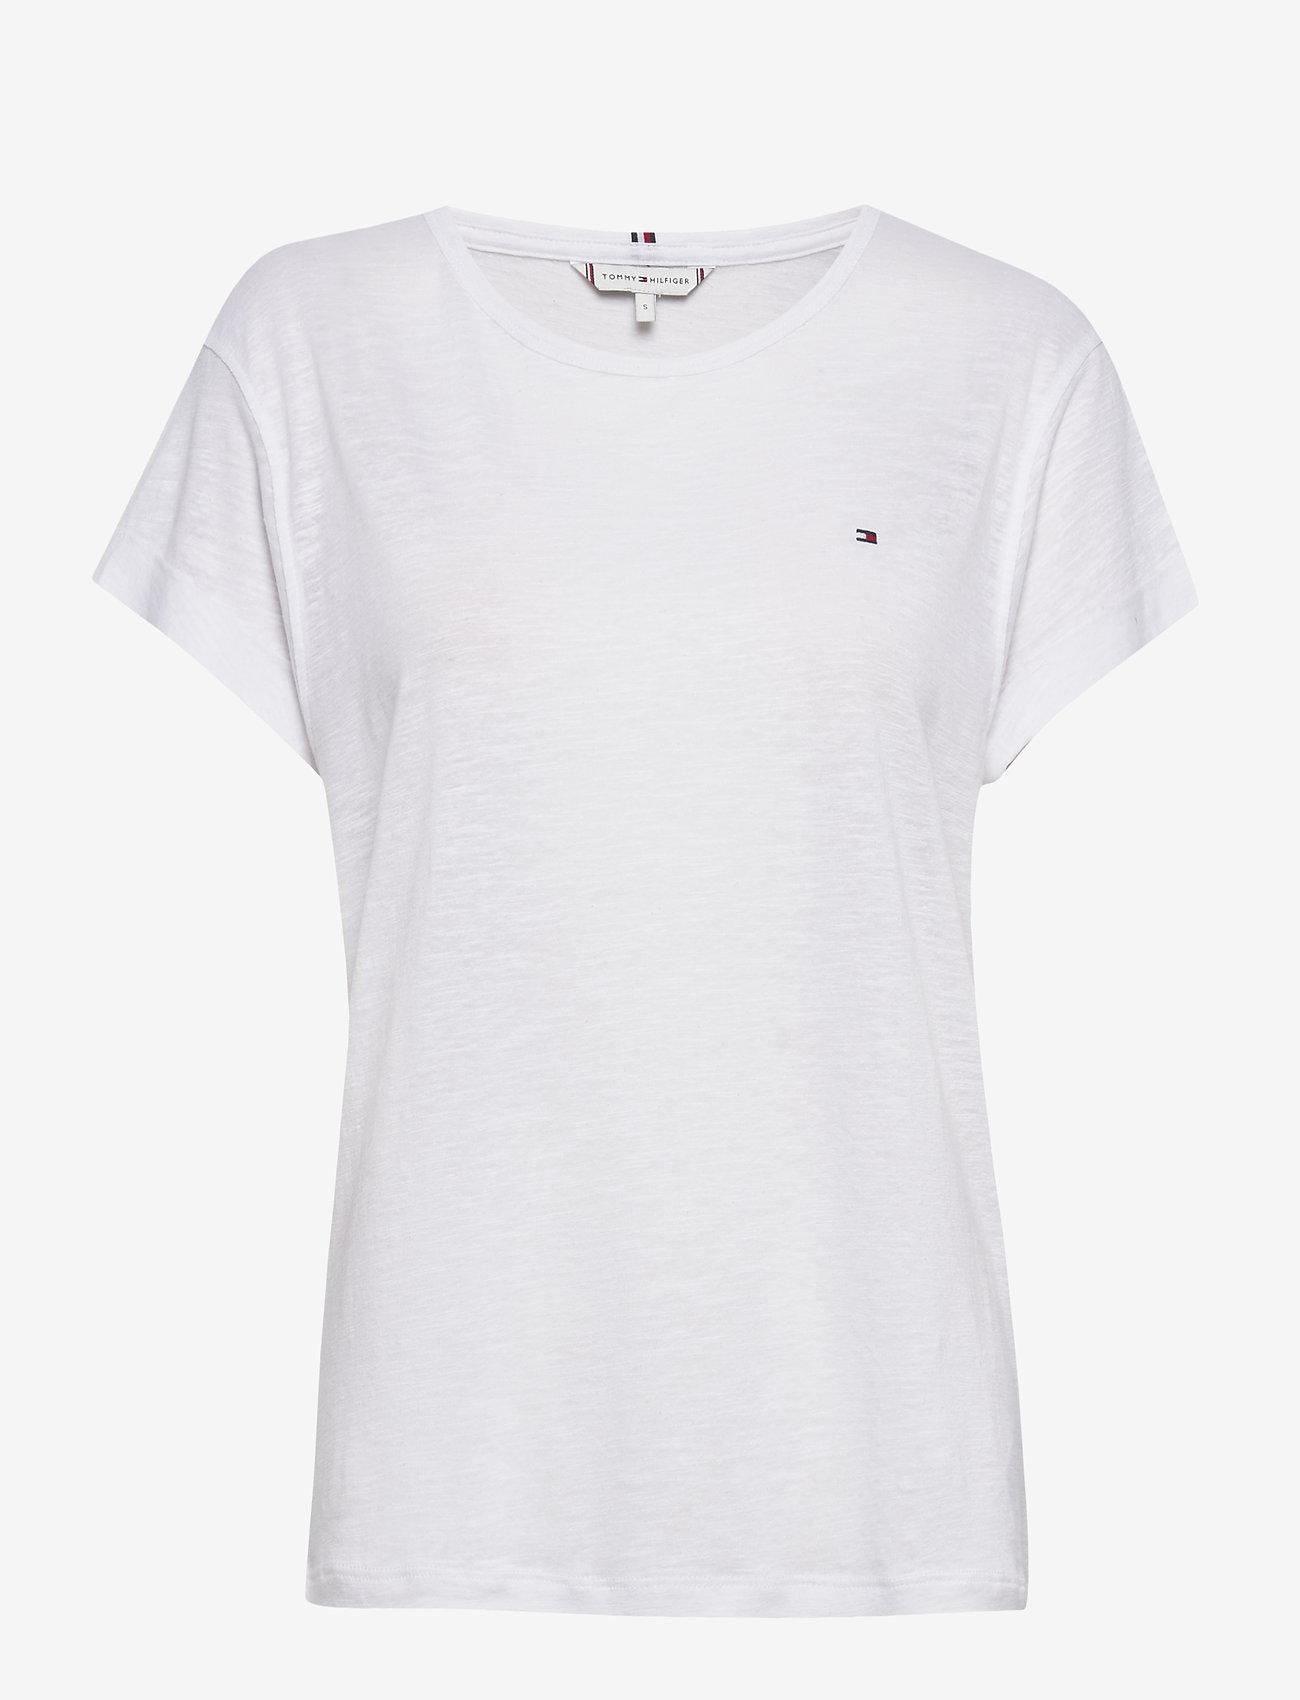 Tommy Hilfiger - VIKKI ROUND-NK TOP SS - t-shirts - white - 0